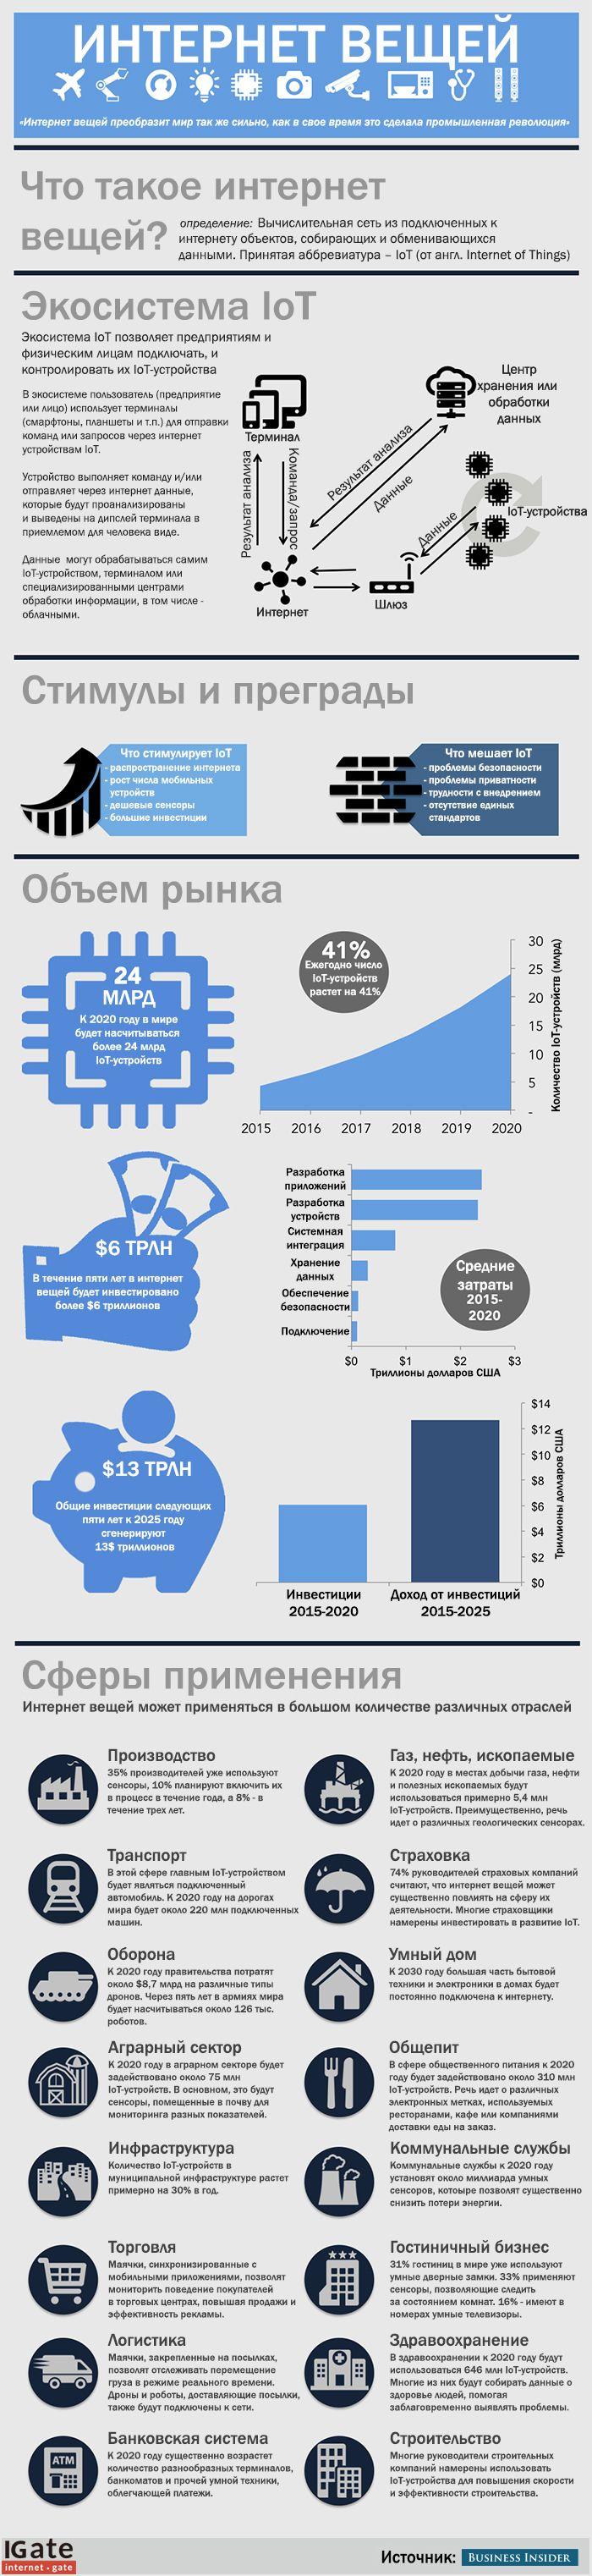 Интернет вещей изменит то, как мы живем, работаем, учимся и развлекаемся (инфографика) | Четверта влада